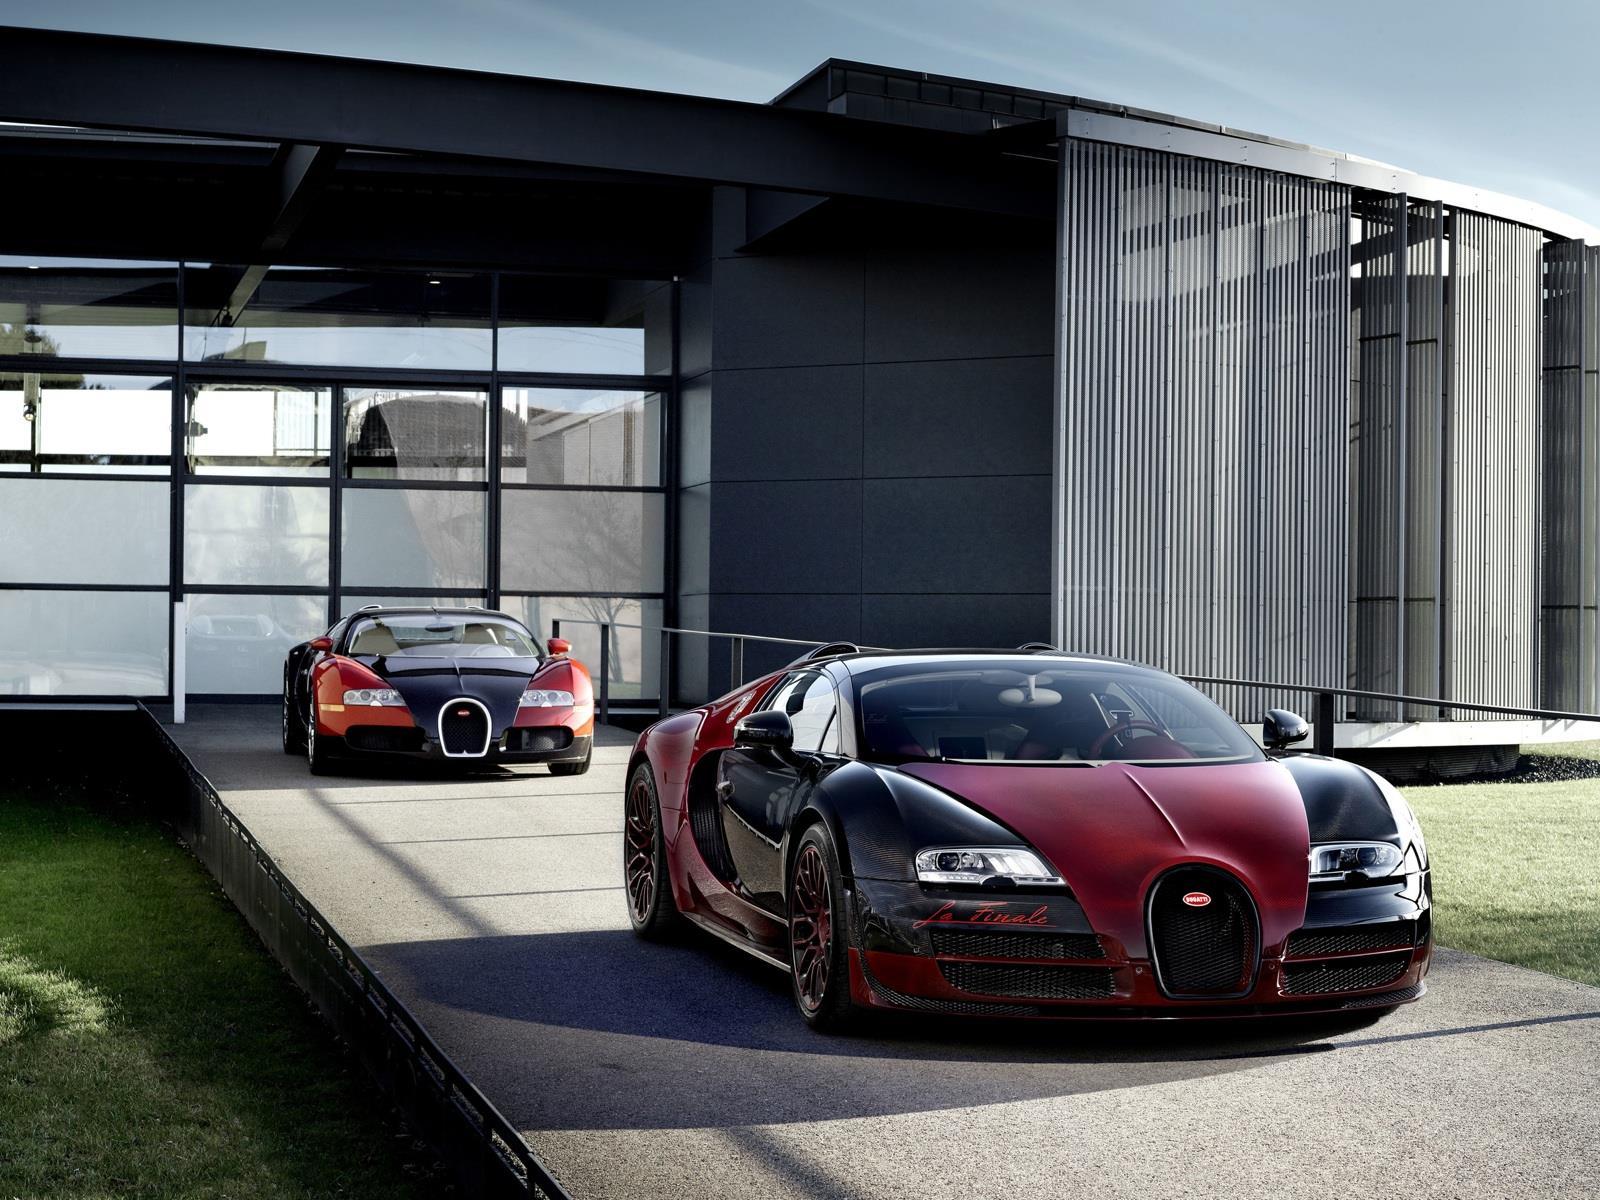 GAZ_a745c9d46c5d422bb66c3544215078d7 Remarkable Bugatti Veyron Grand Sport Vitesse Informacion Cars Trend